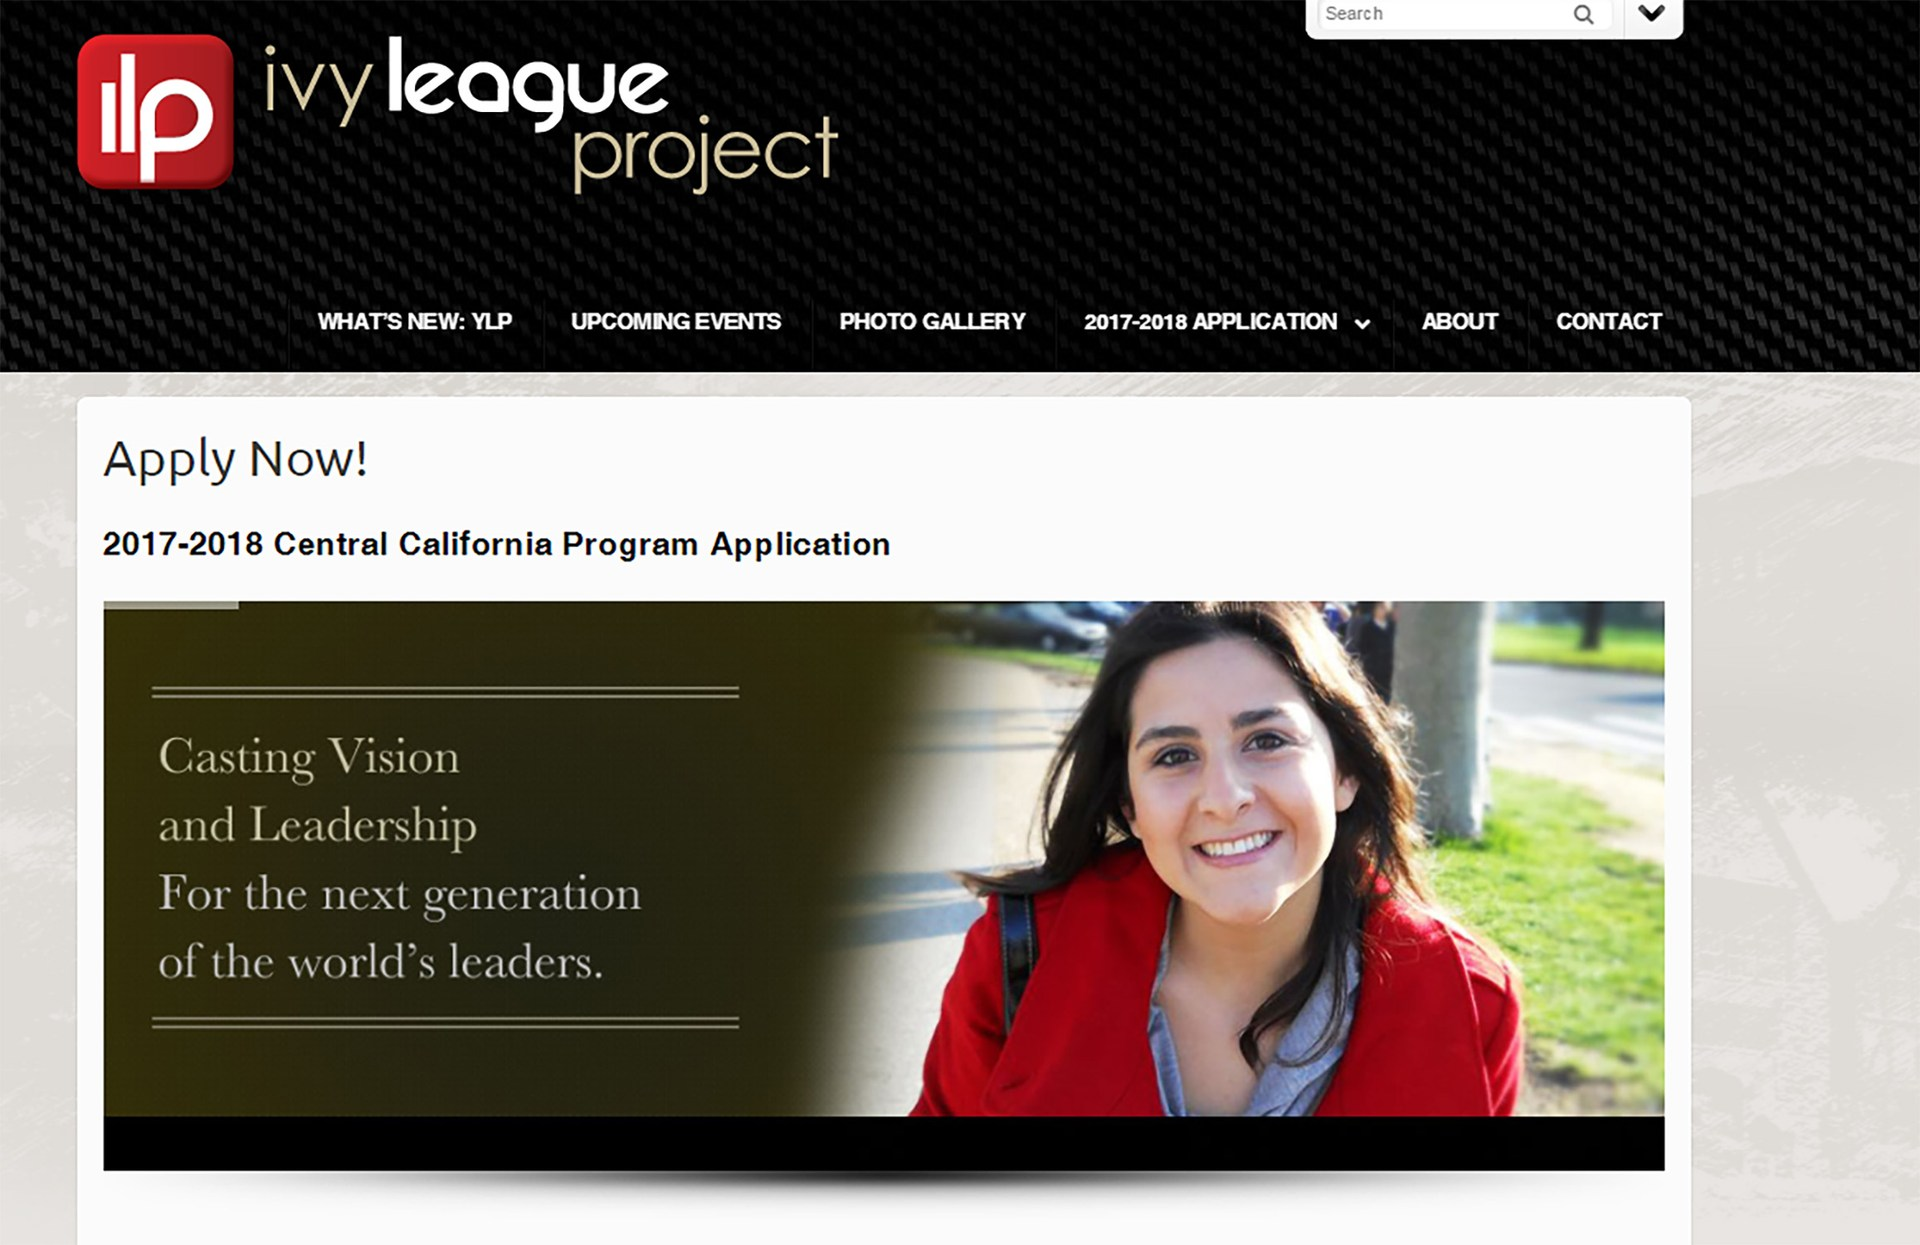 Ivy League Project